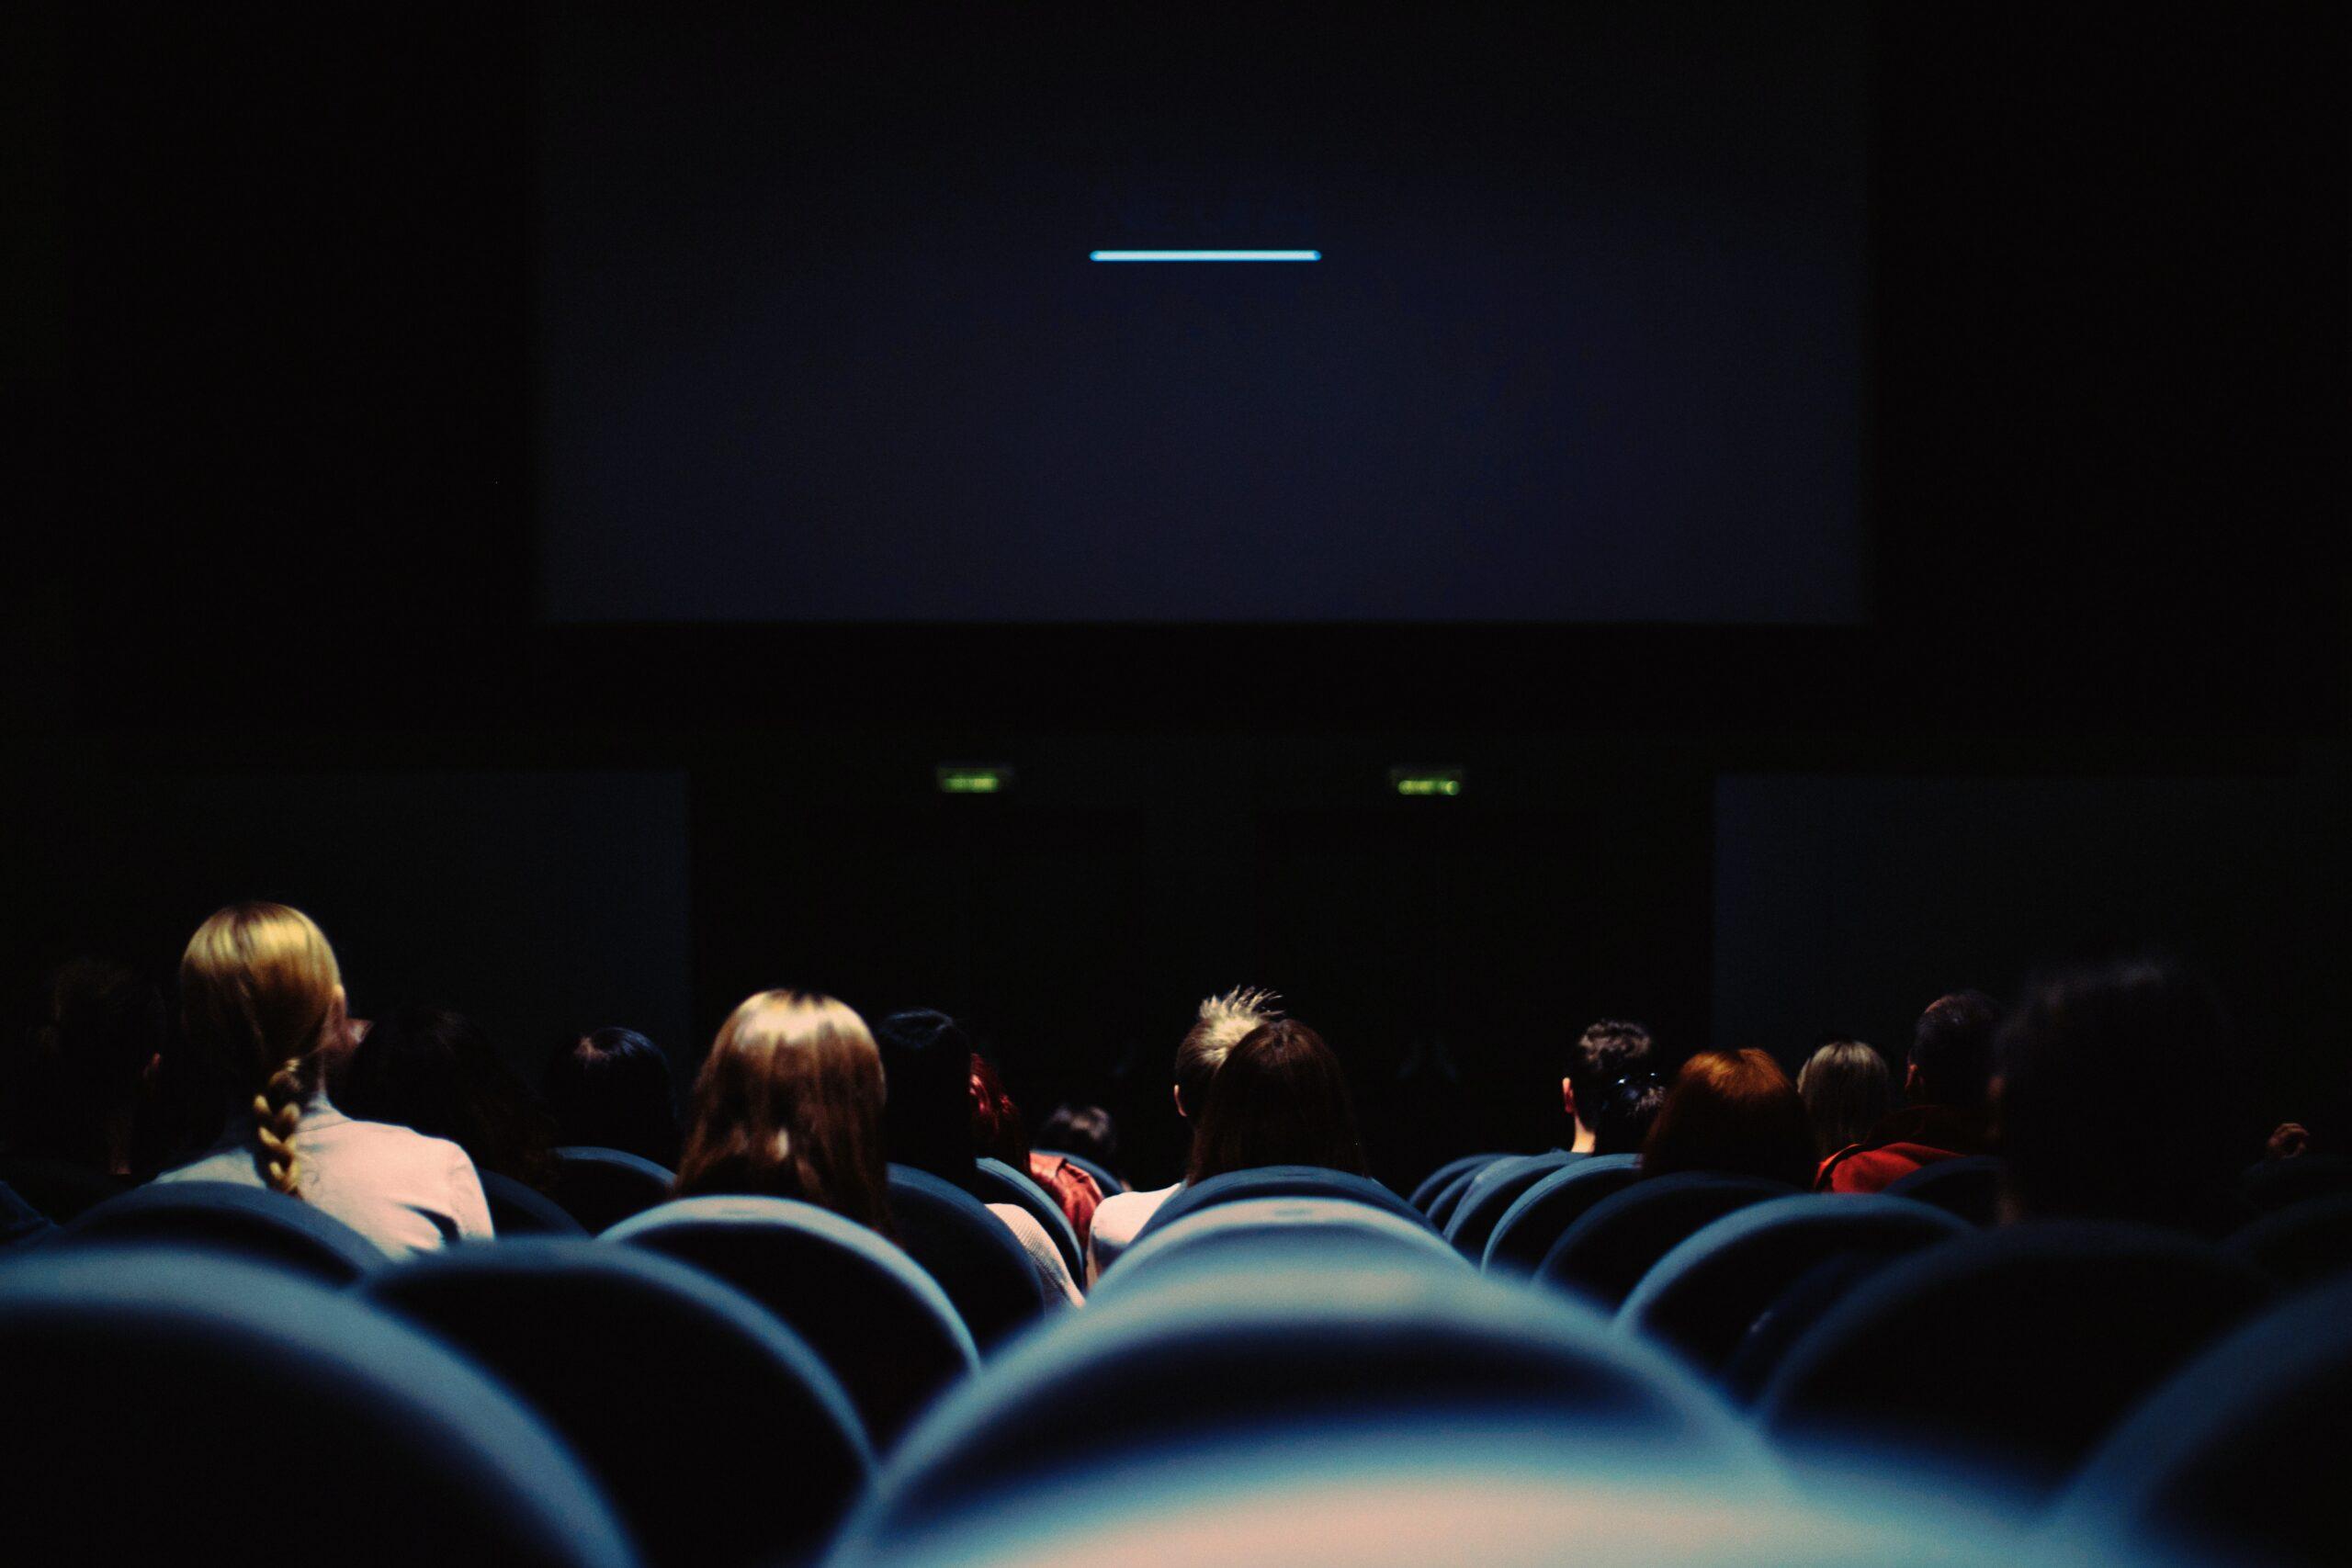 電影節如何轉向虛擬?(上)華麗盛宴倉皇避走Covid,影展還剩下什麼?